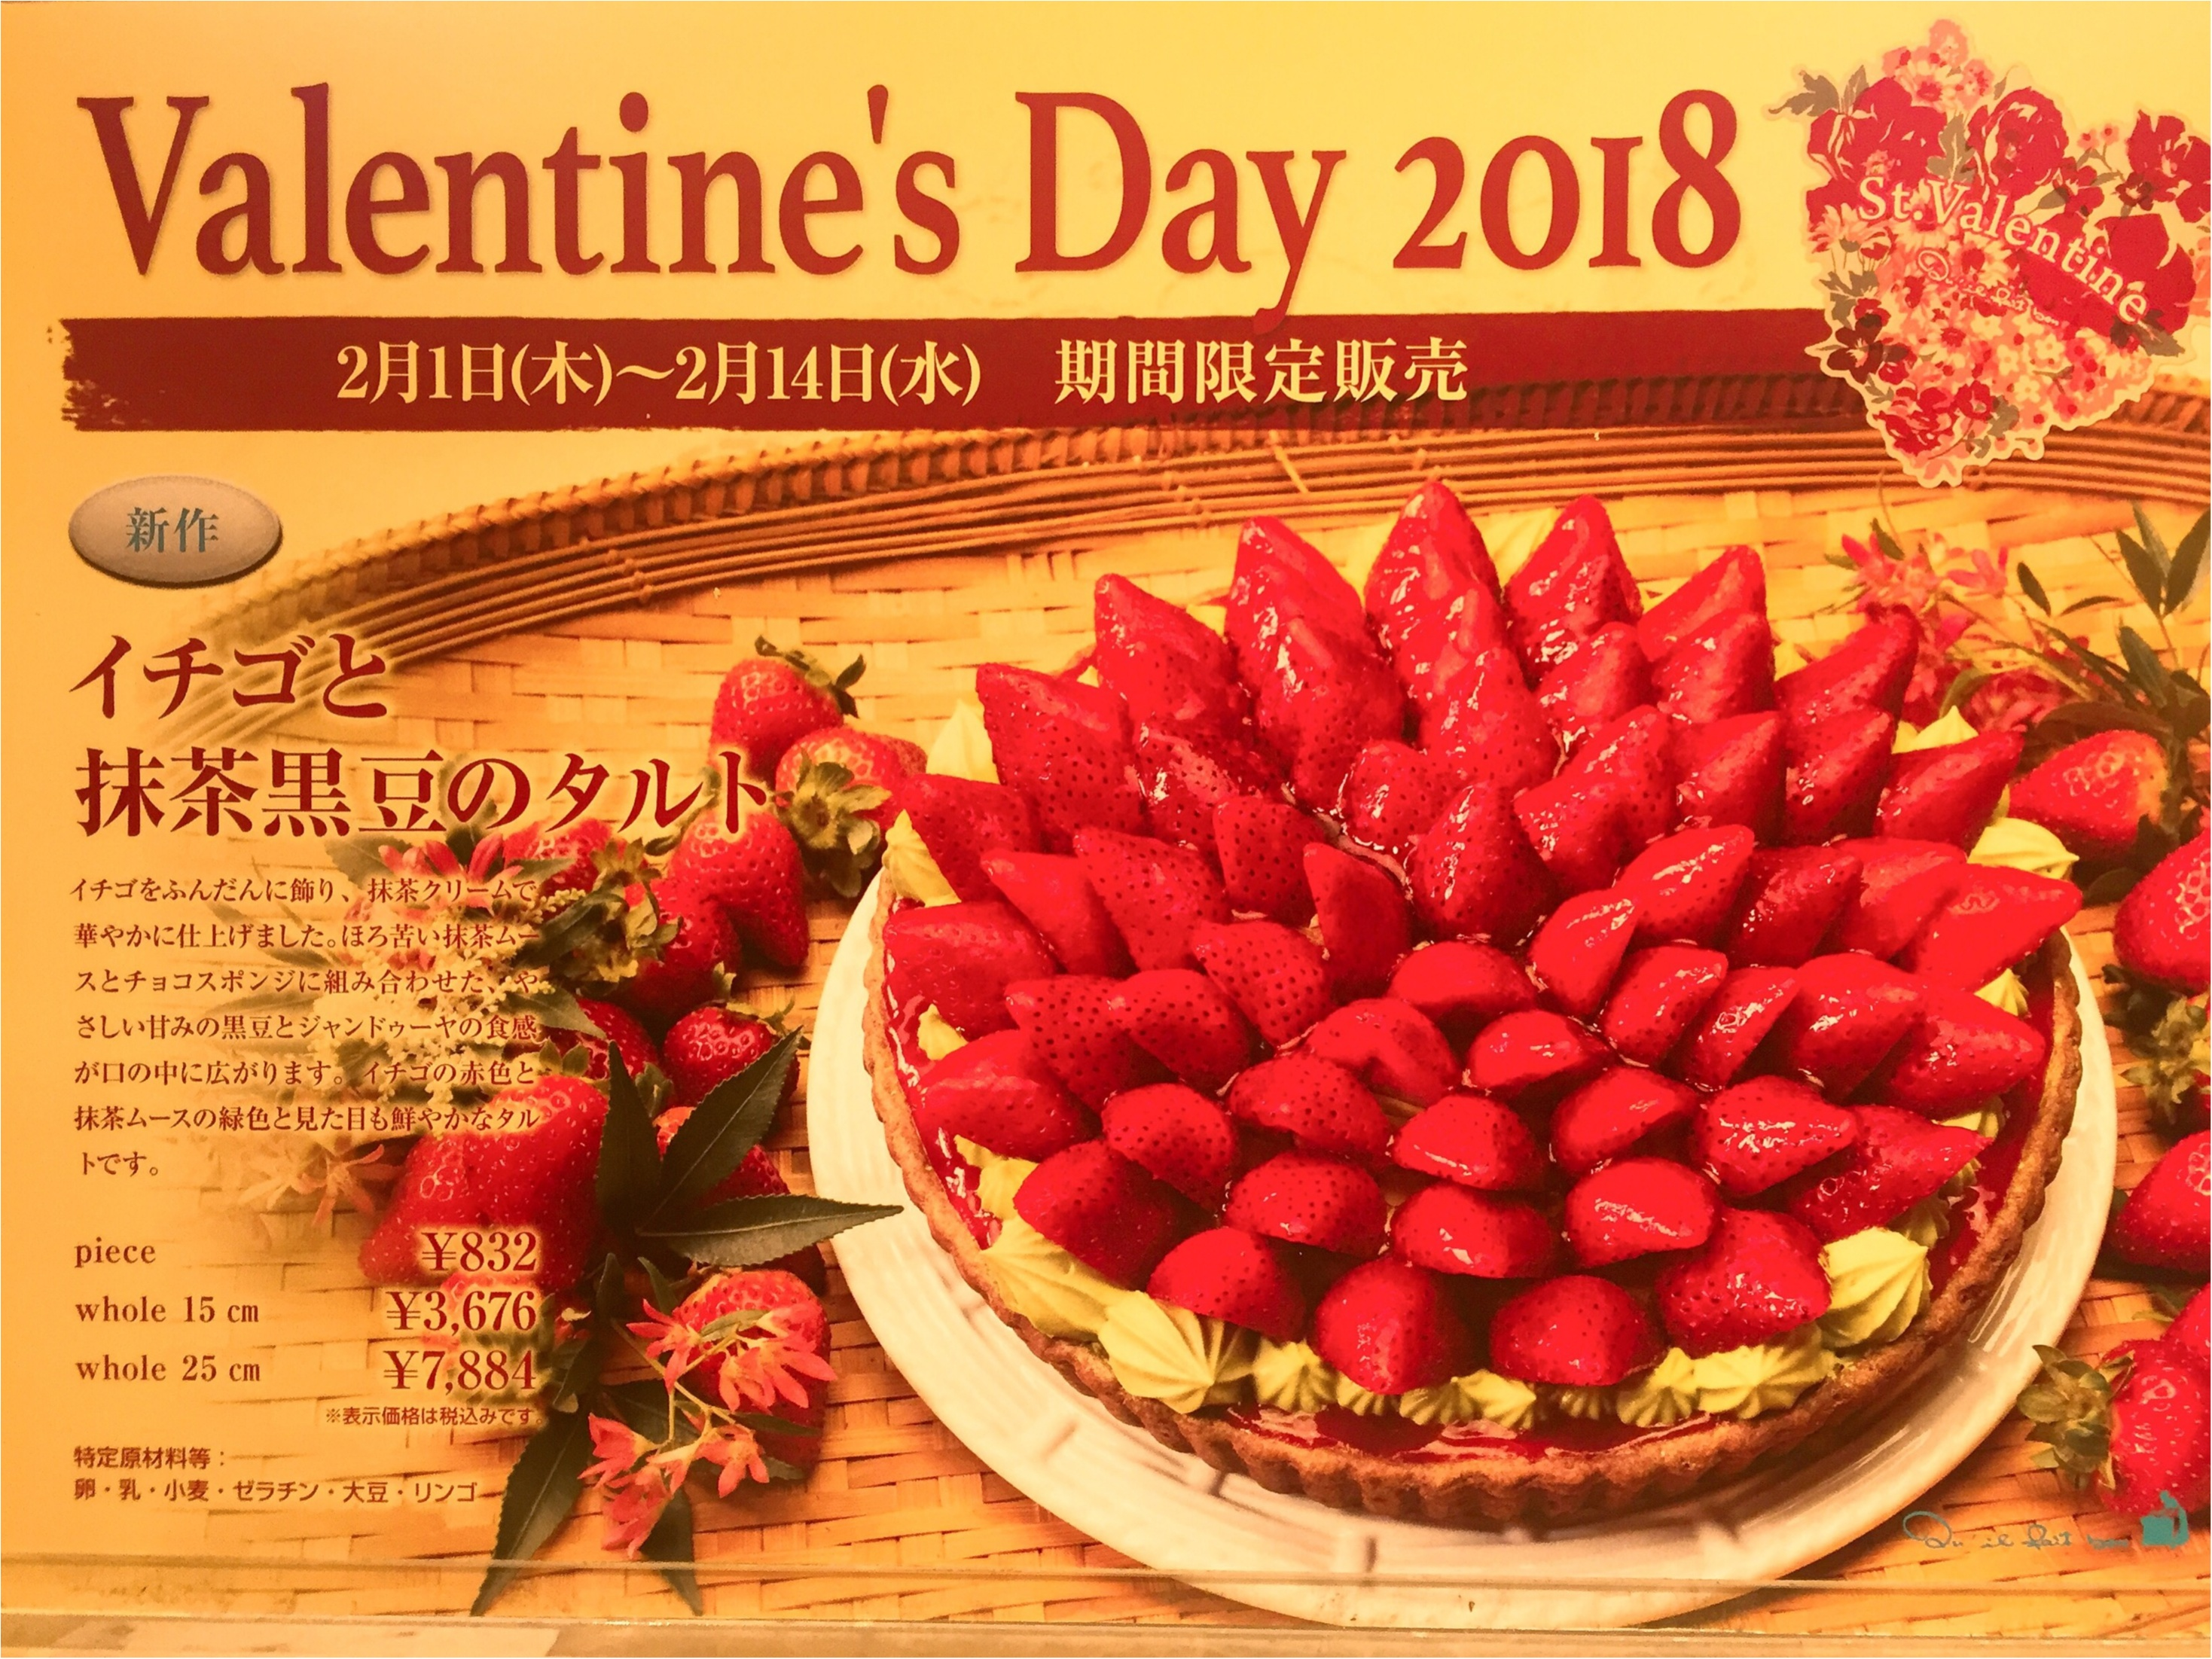 【バレンタイン限定】キルフェボンのイチゴと抹茶黒豆のタルトは2/14まで!_3